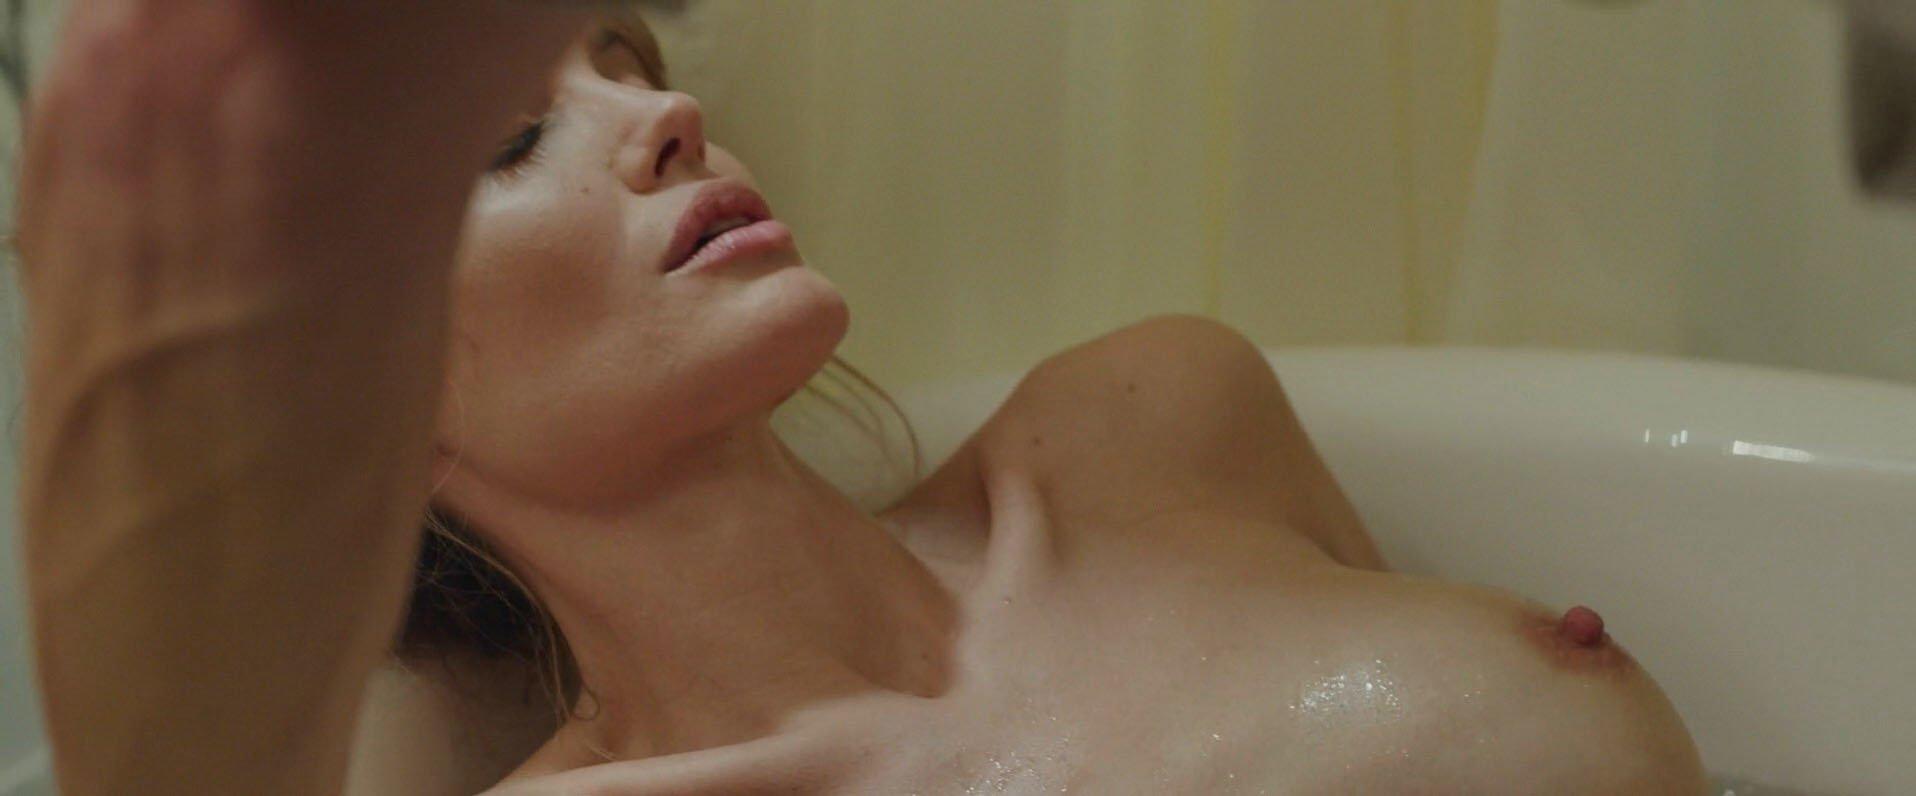 Angelina Jolie Sex Porn anjalina nude fucking images - nude pics